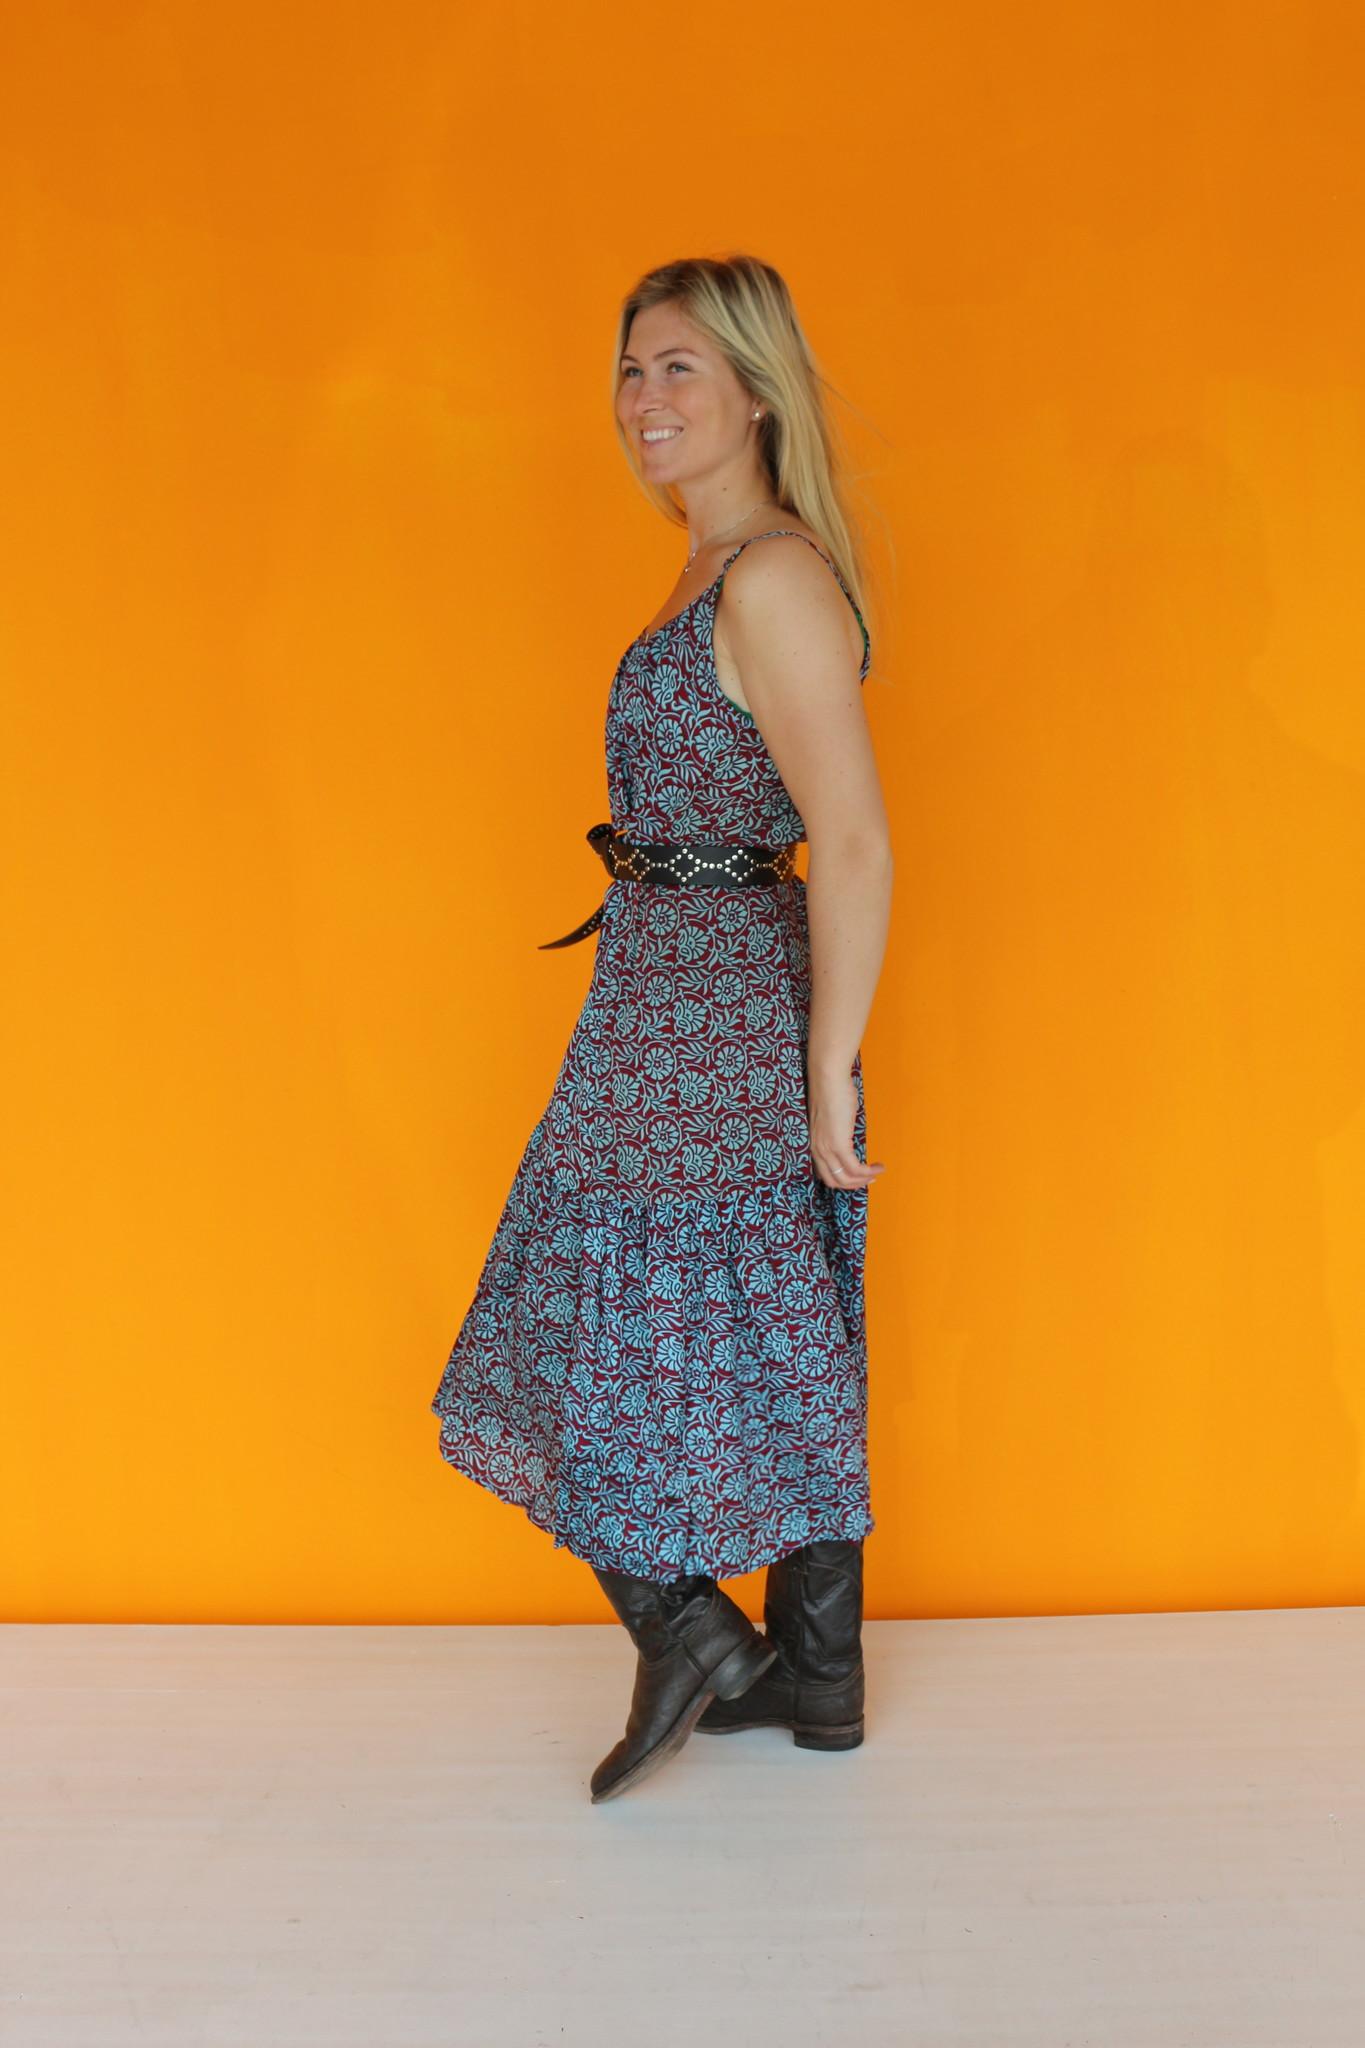 SISSEL EDELBO AFFECTION STRAP DRESS FROM SISSEL EDELBO NO.5